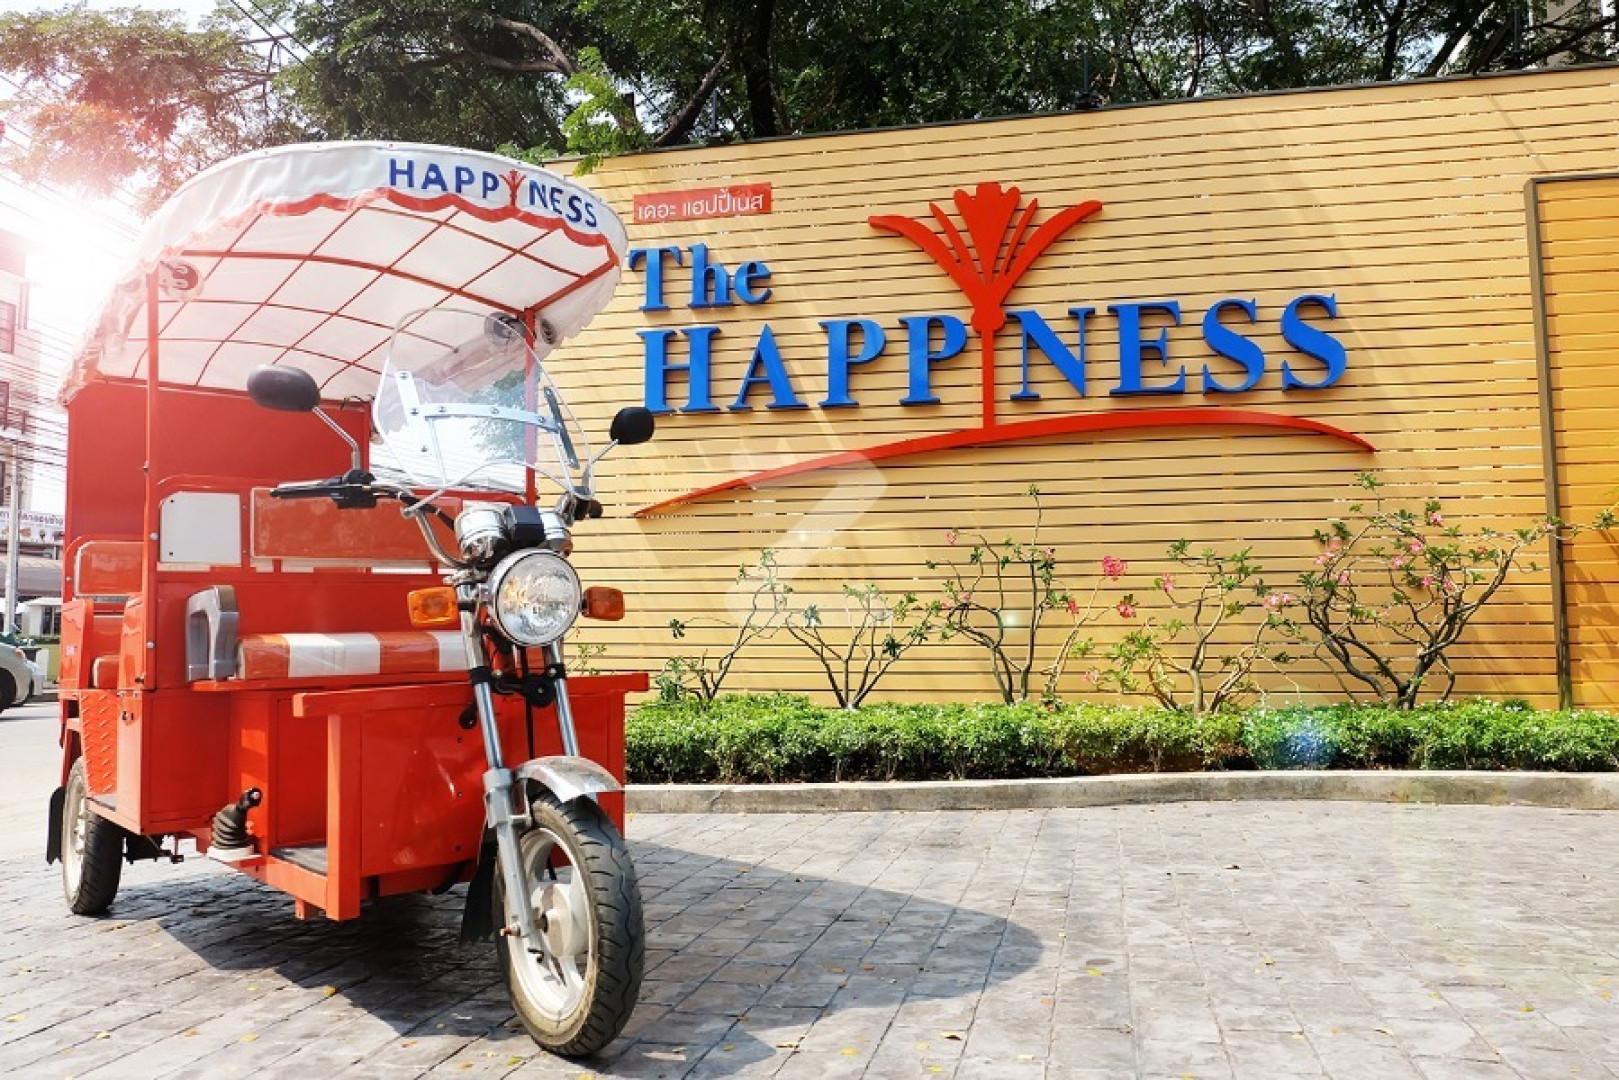 เดอะ แฮปปี้เนส คอนโด กิ่งแก้ว-สุวรรณภูมิ The Happiness Condo Kingkaew-Suvarnabhumi